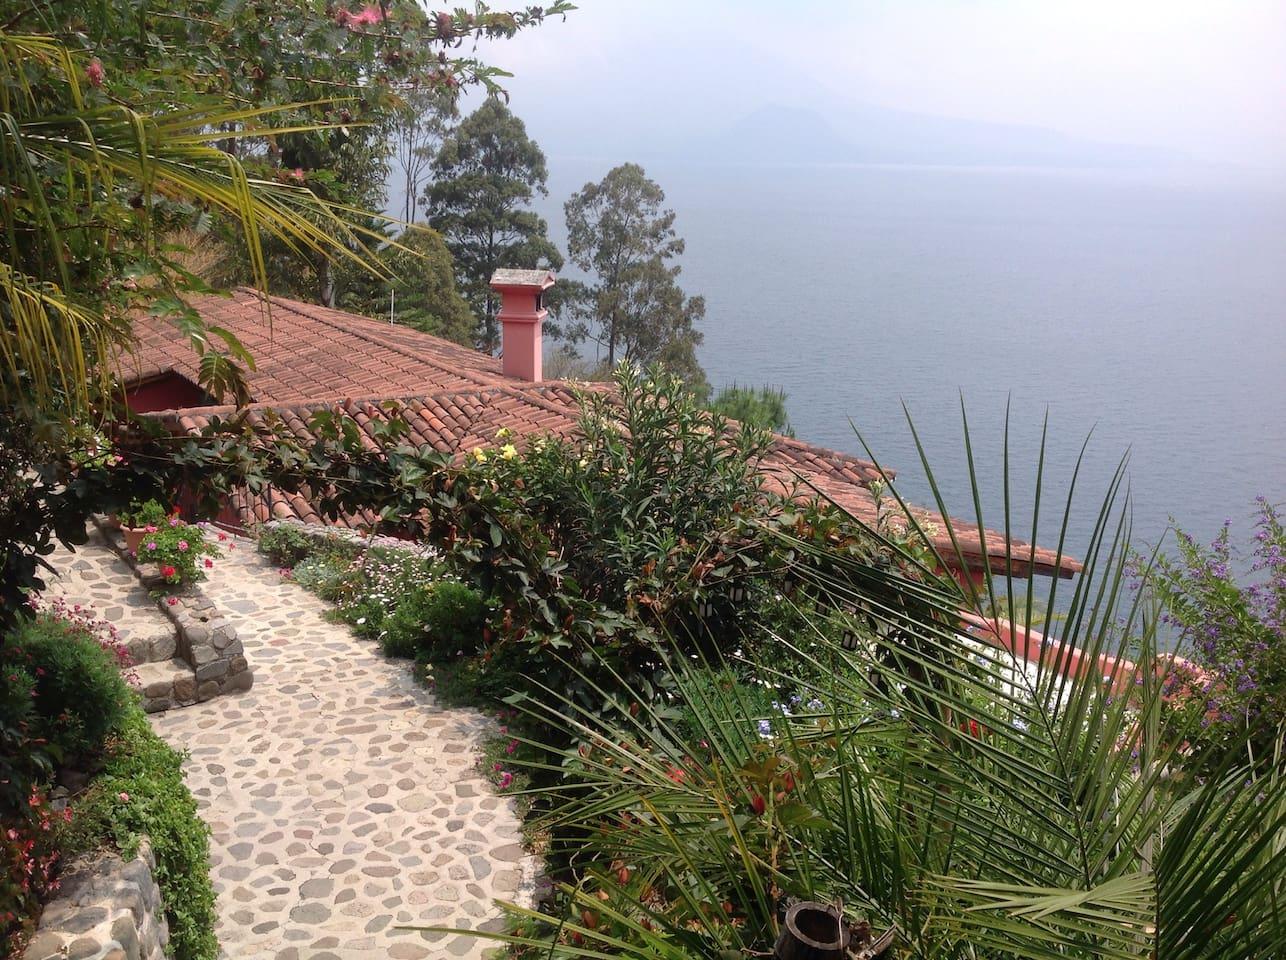 The house facing Lake Atitlan